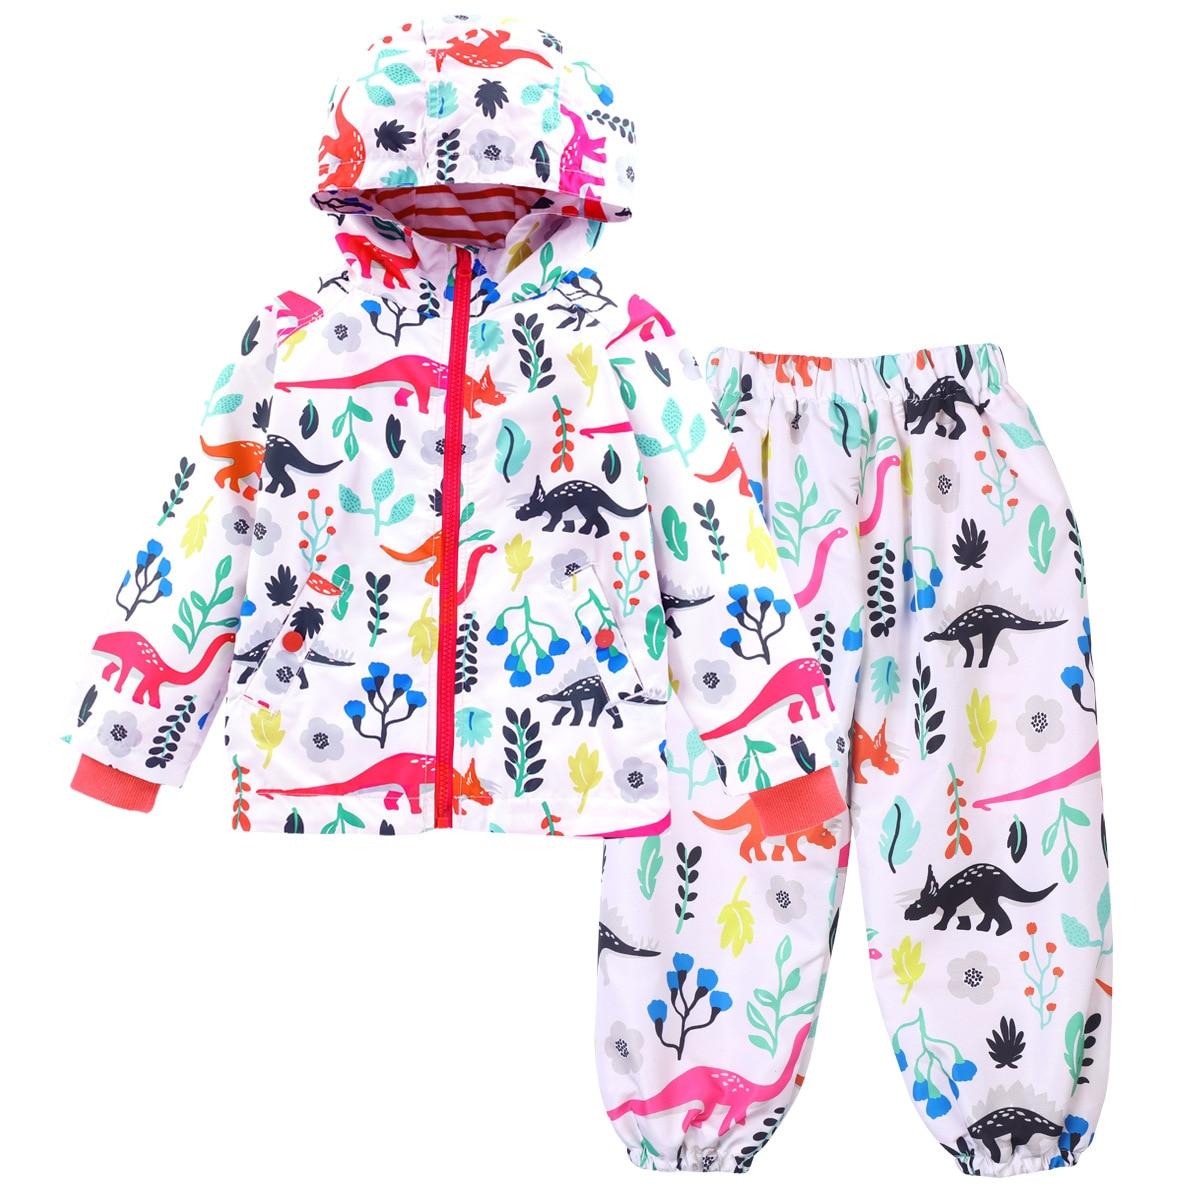 Autumn&Winter Girls Boy's Clothing Set Childrens Raincoat Jacket Sport Suit Clothes Windbreaker Jackets+trousers 2pcs Suit